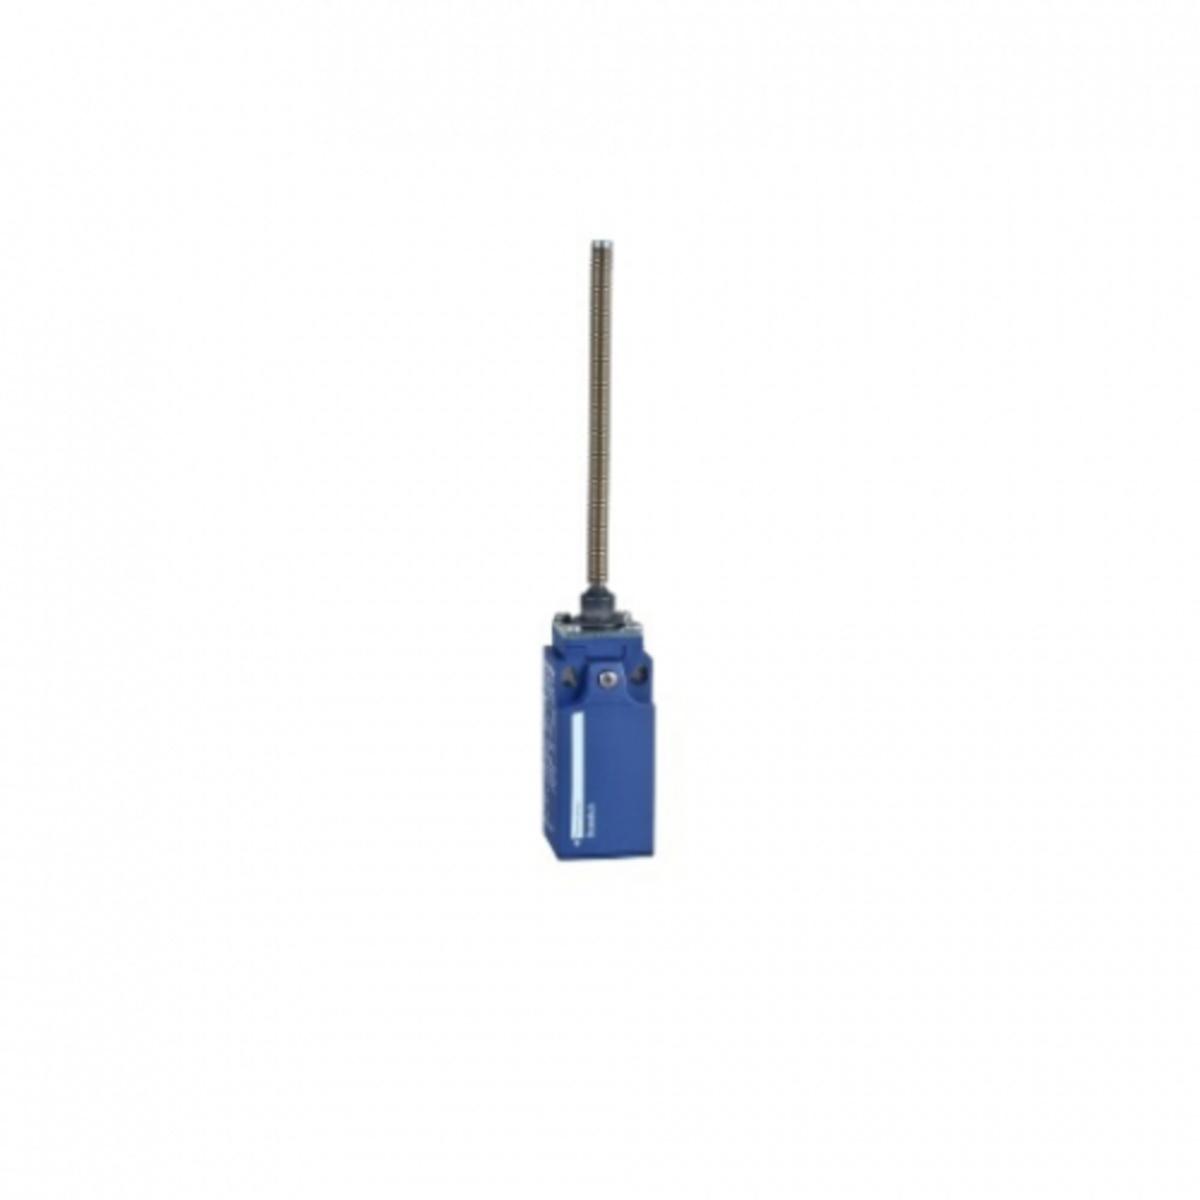 Eletriza - Eletriza Materiais Elétricos, Hidráulicos e Automação Industrial - FIM DE CURSO PLASTICO NA+NF HASTE COM MOLA XCKN2108G11 TELEMECANIQUE